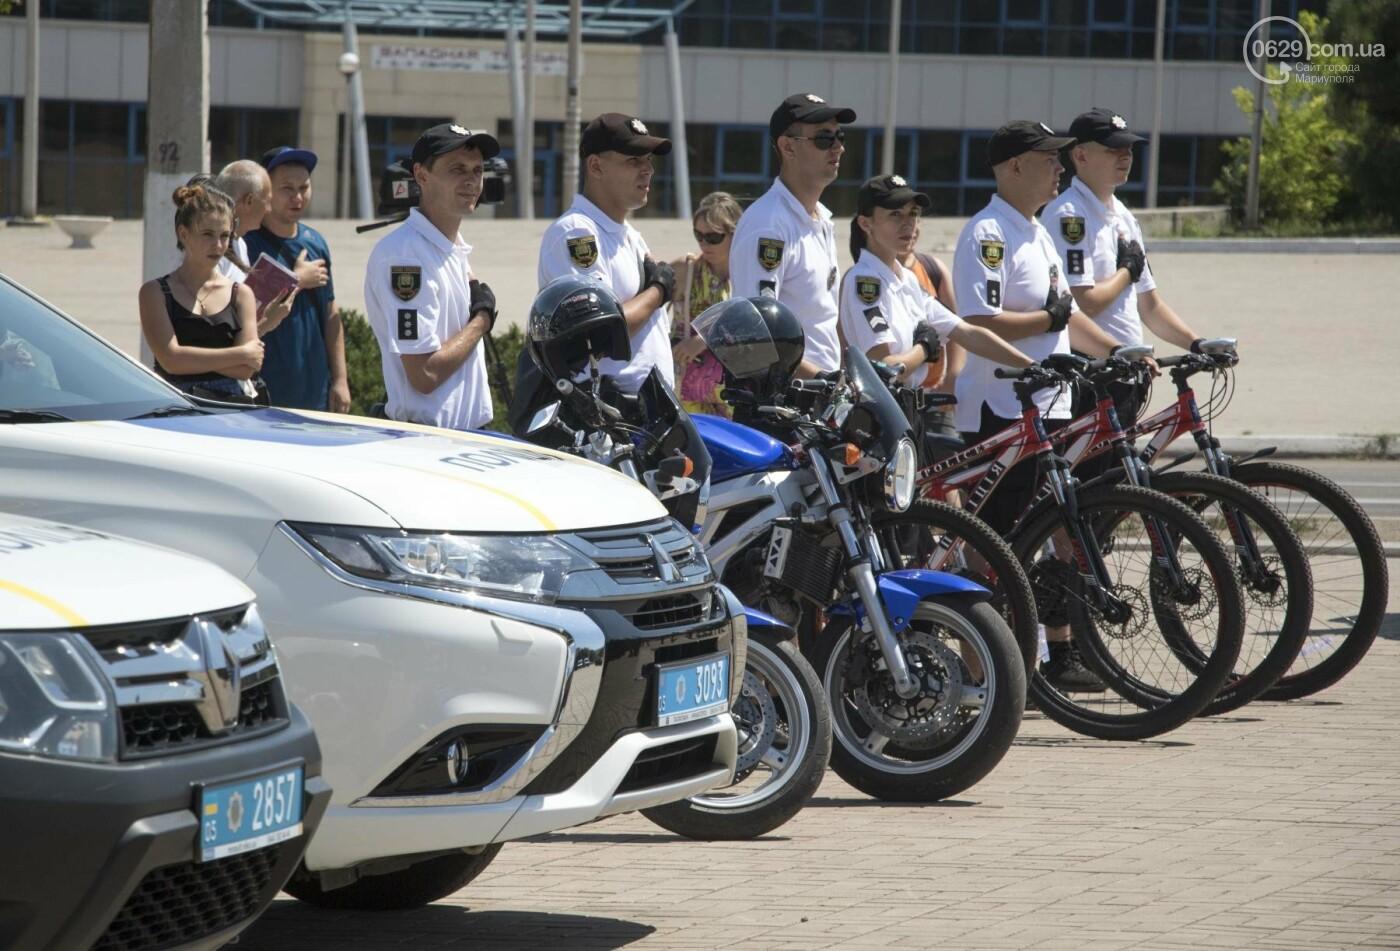 В Мариуполе презентовали туристическую полицию, - ФОТО, ВИДЕО, фото-6